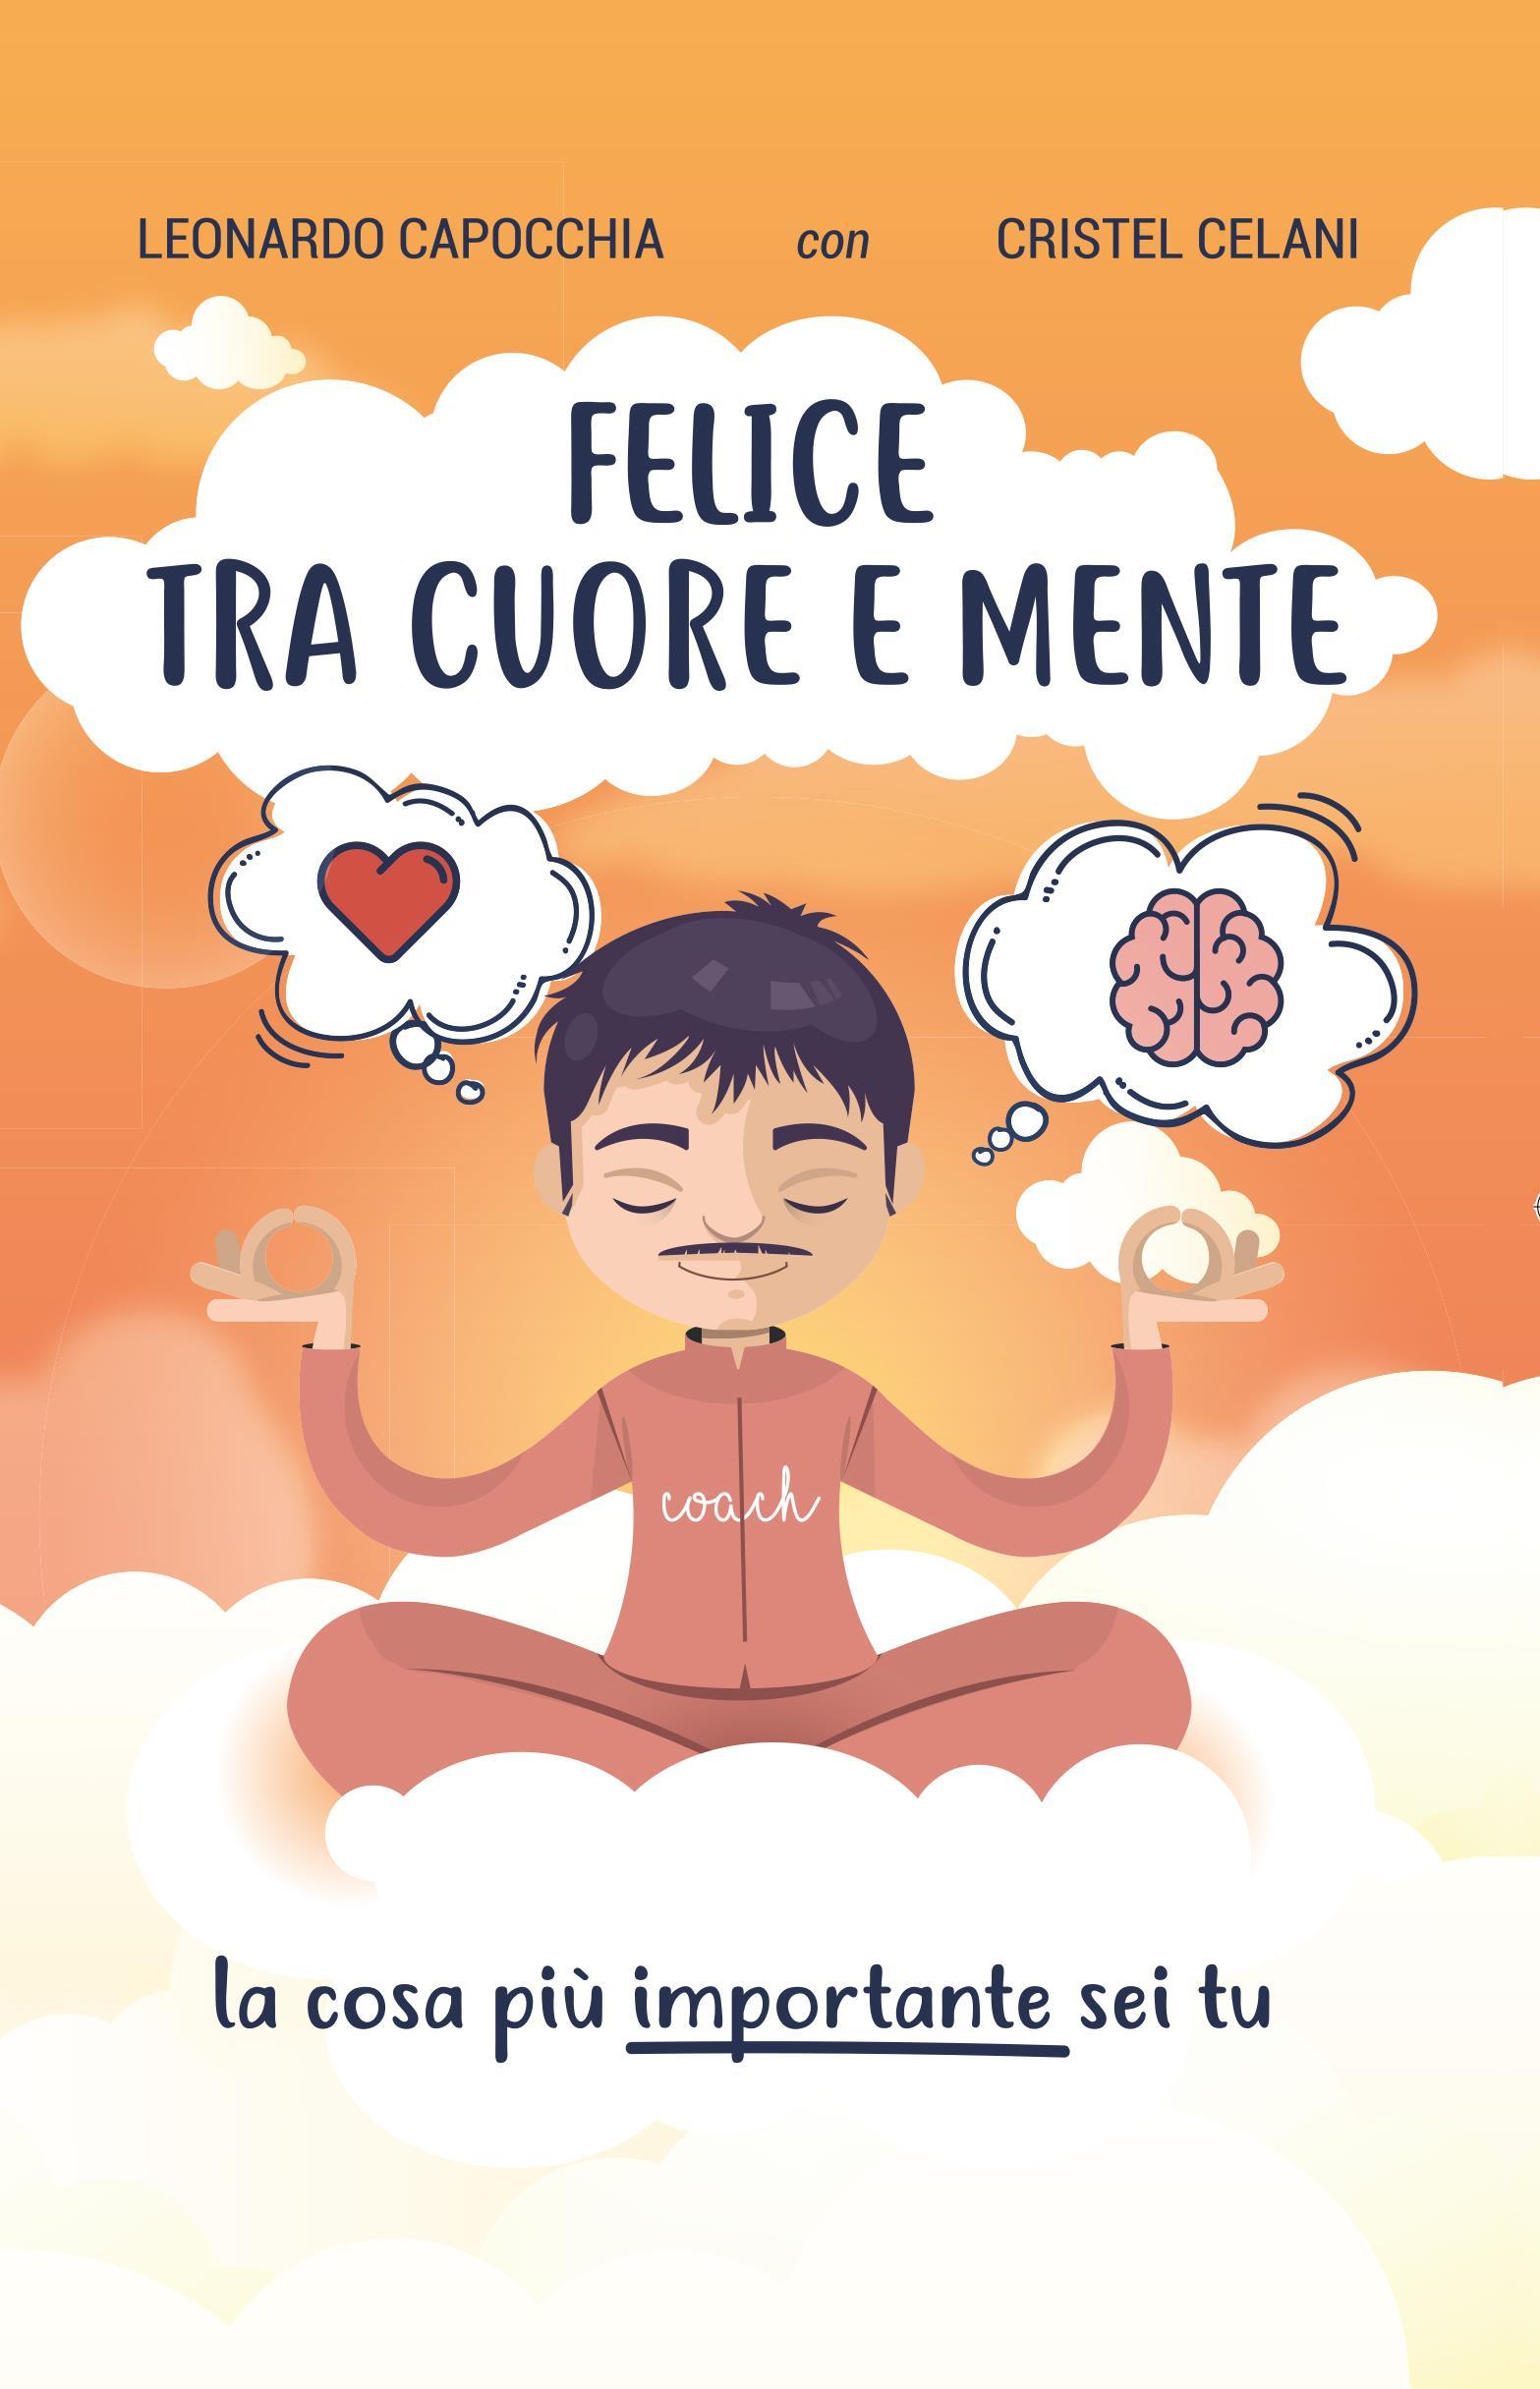 Felice tra cuore e mente